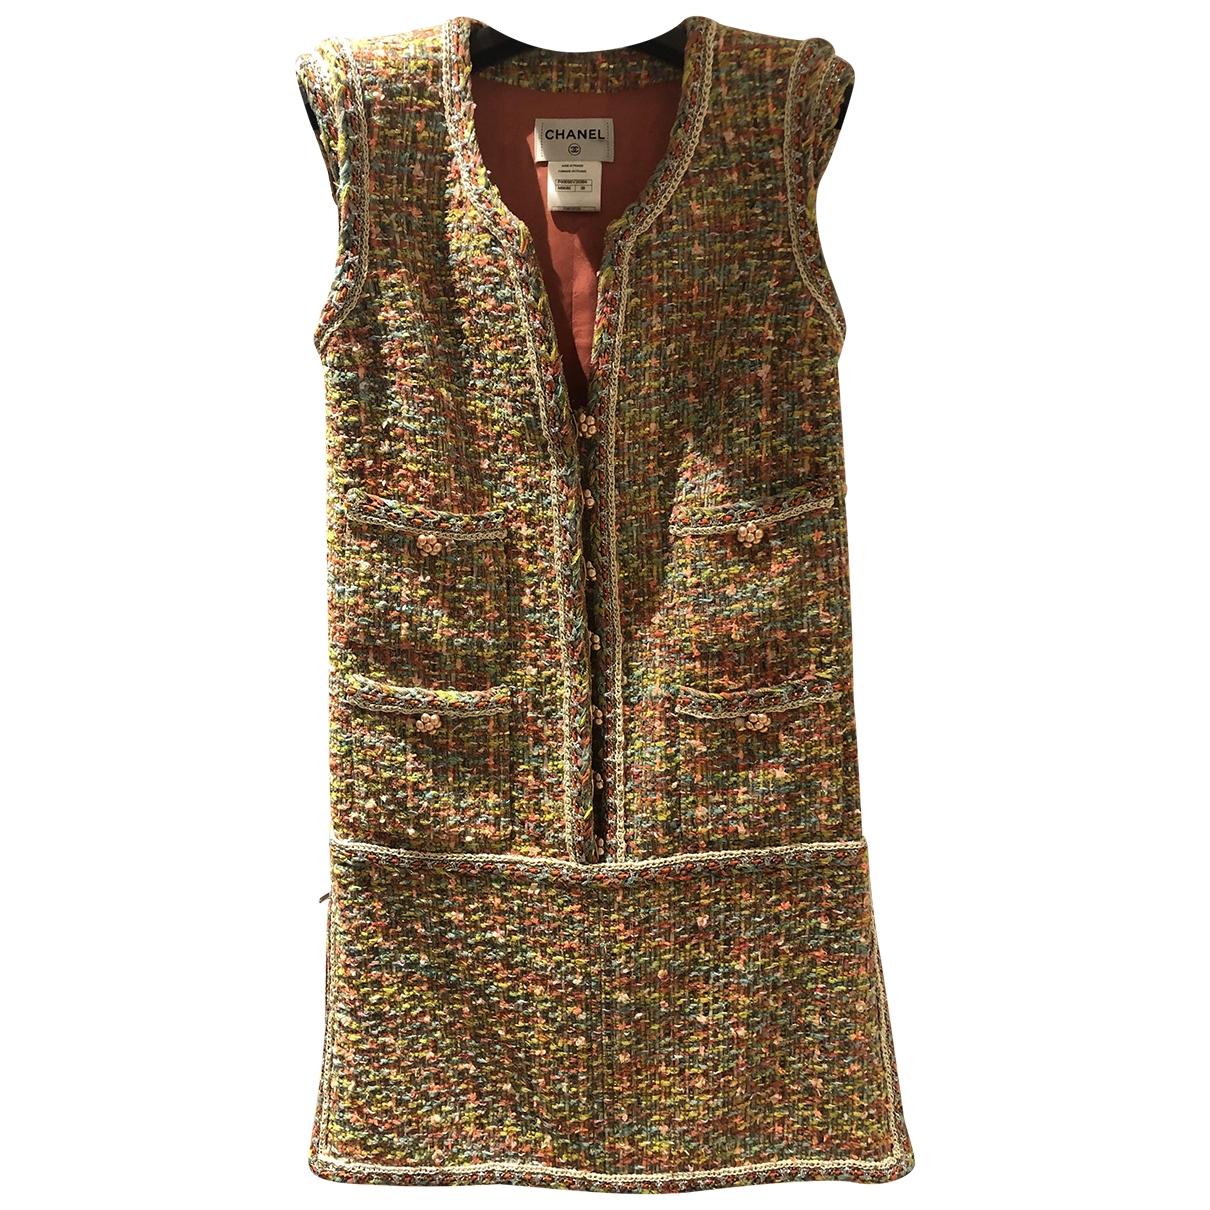 Chanel \N Kleid in Tweed